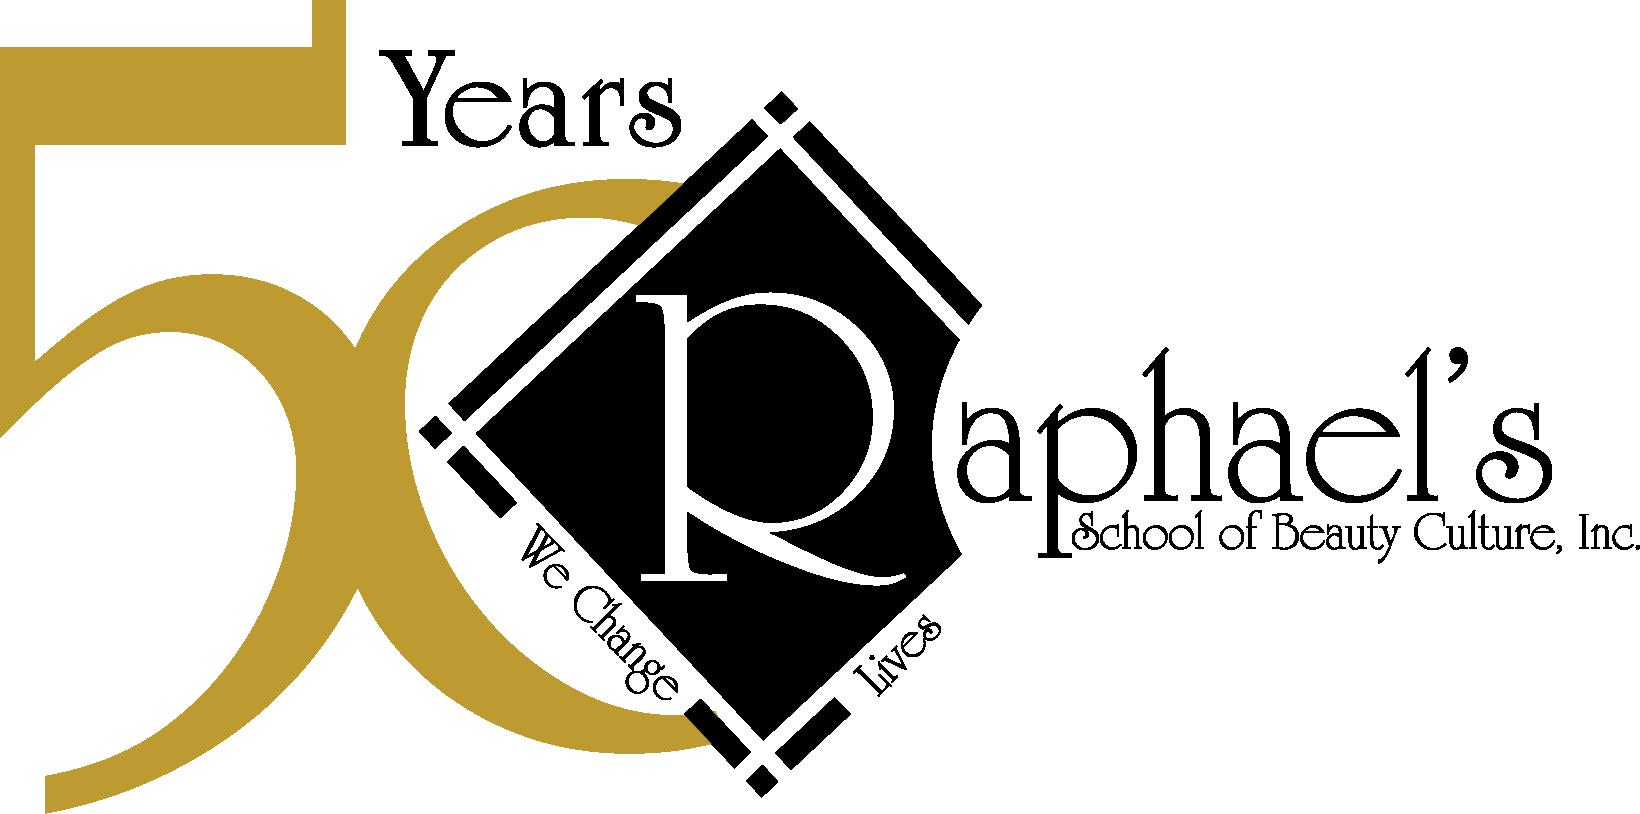 Logo of Raphael's School of Beauty Culture Inc-Boardman